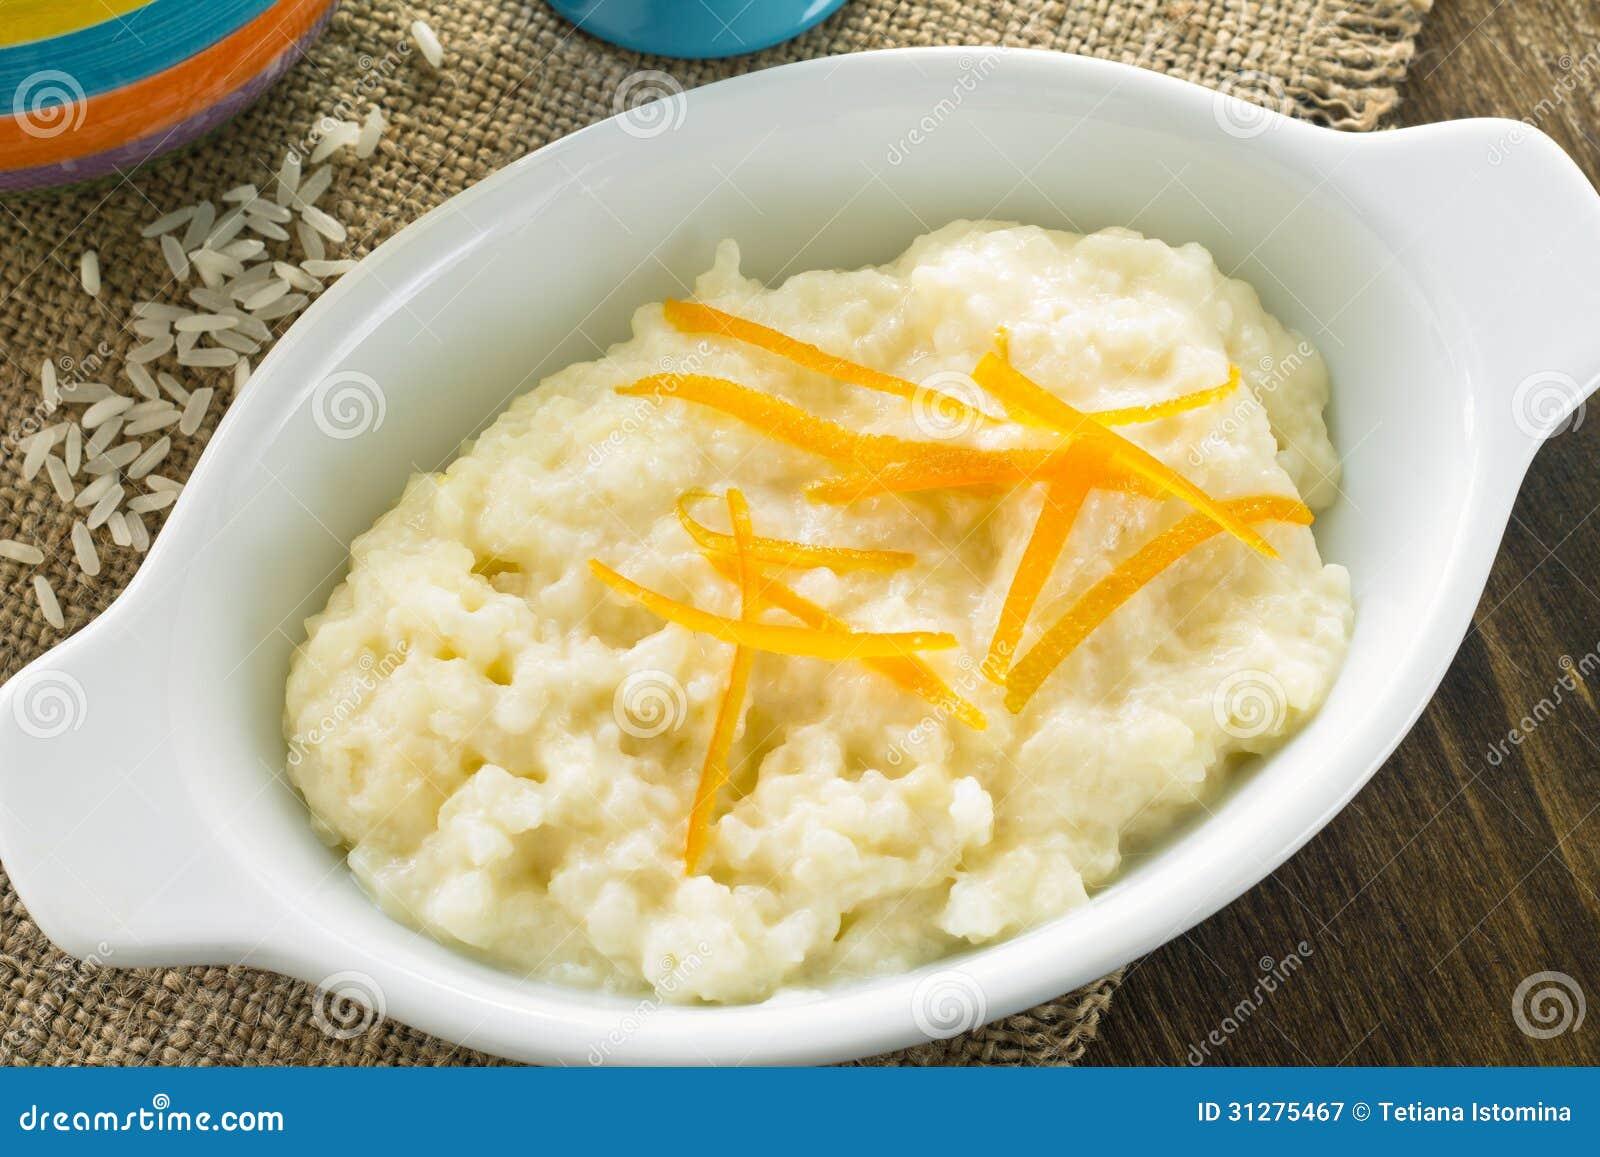 Rice Porridge Breakfast Stock Image Image Of Lemon